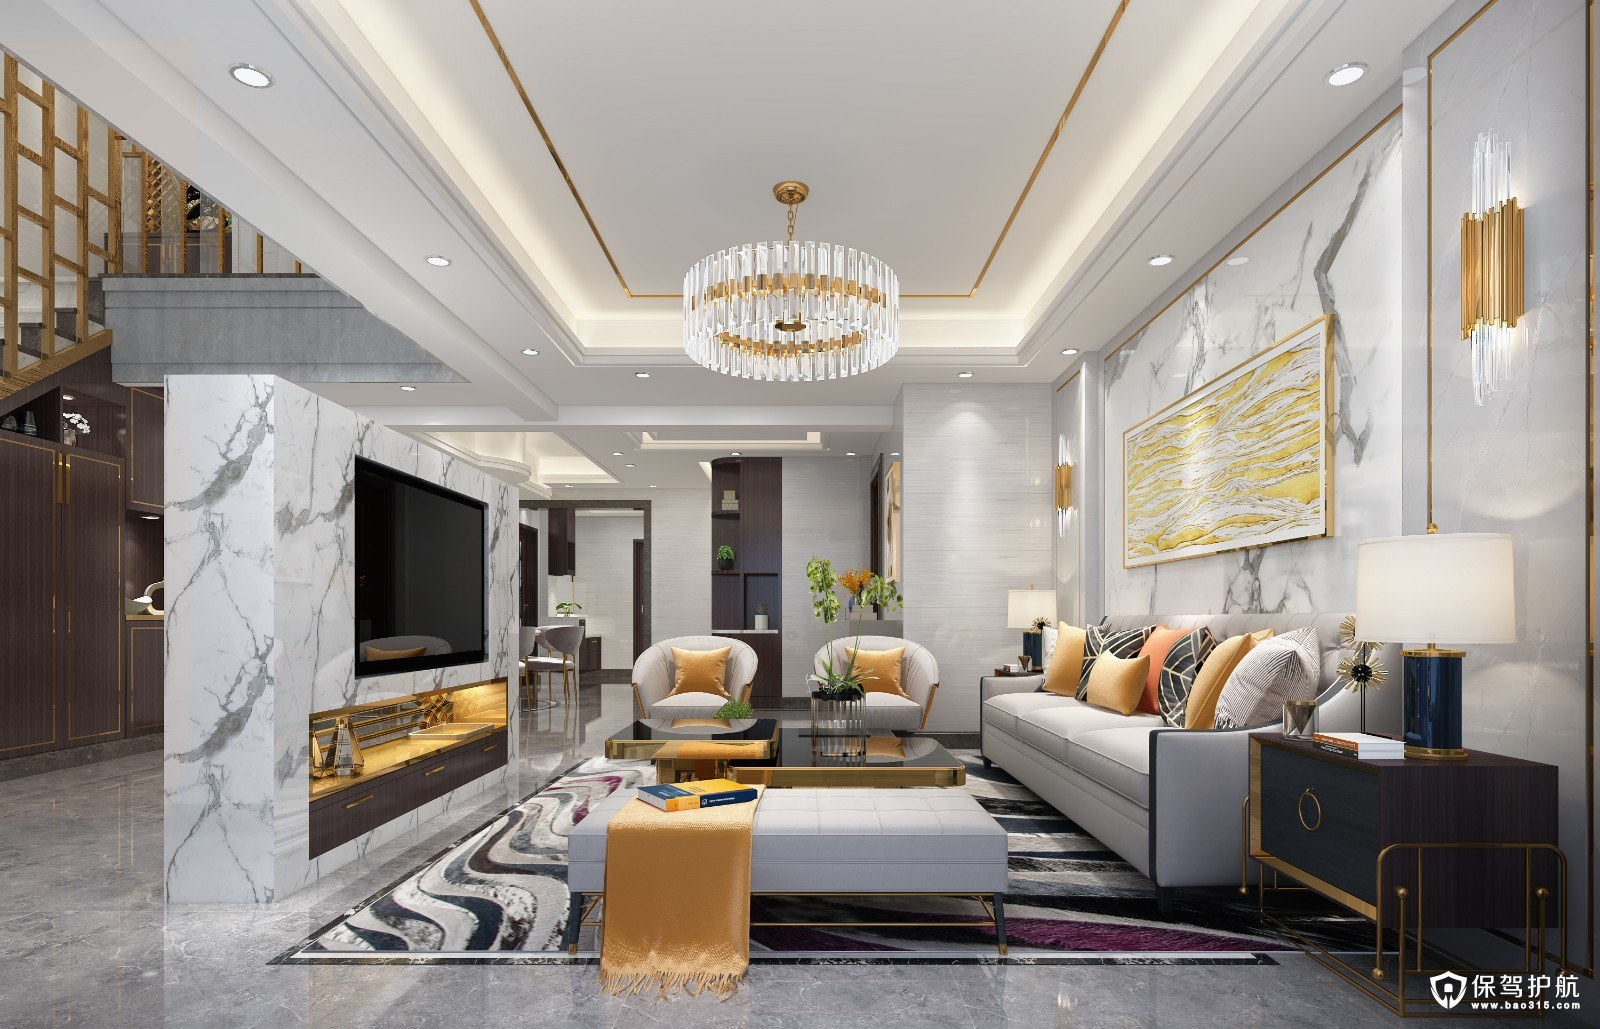 万科紫台现代风格楼中楼装修效果图